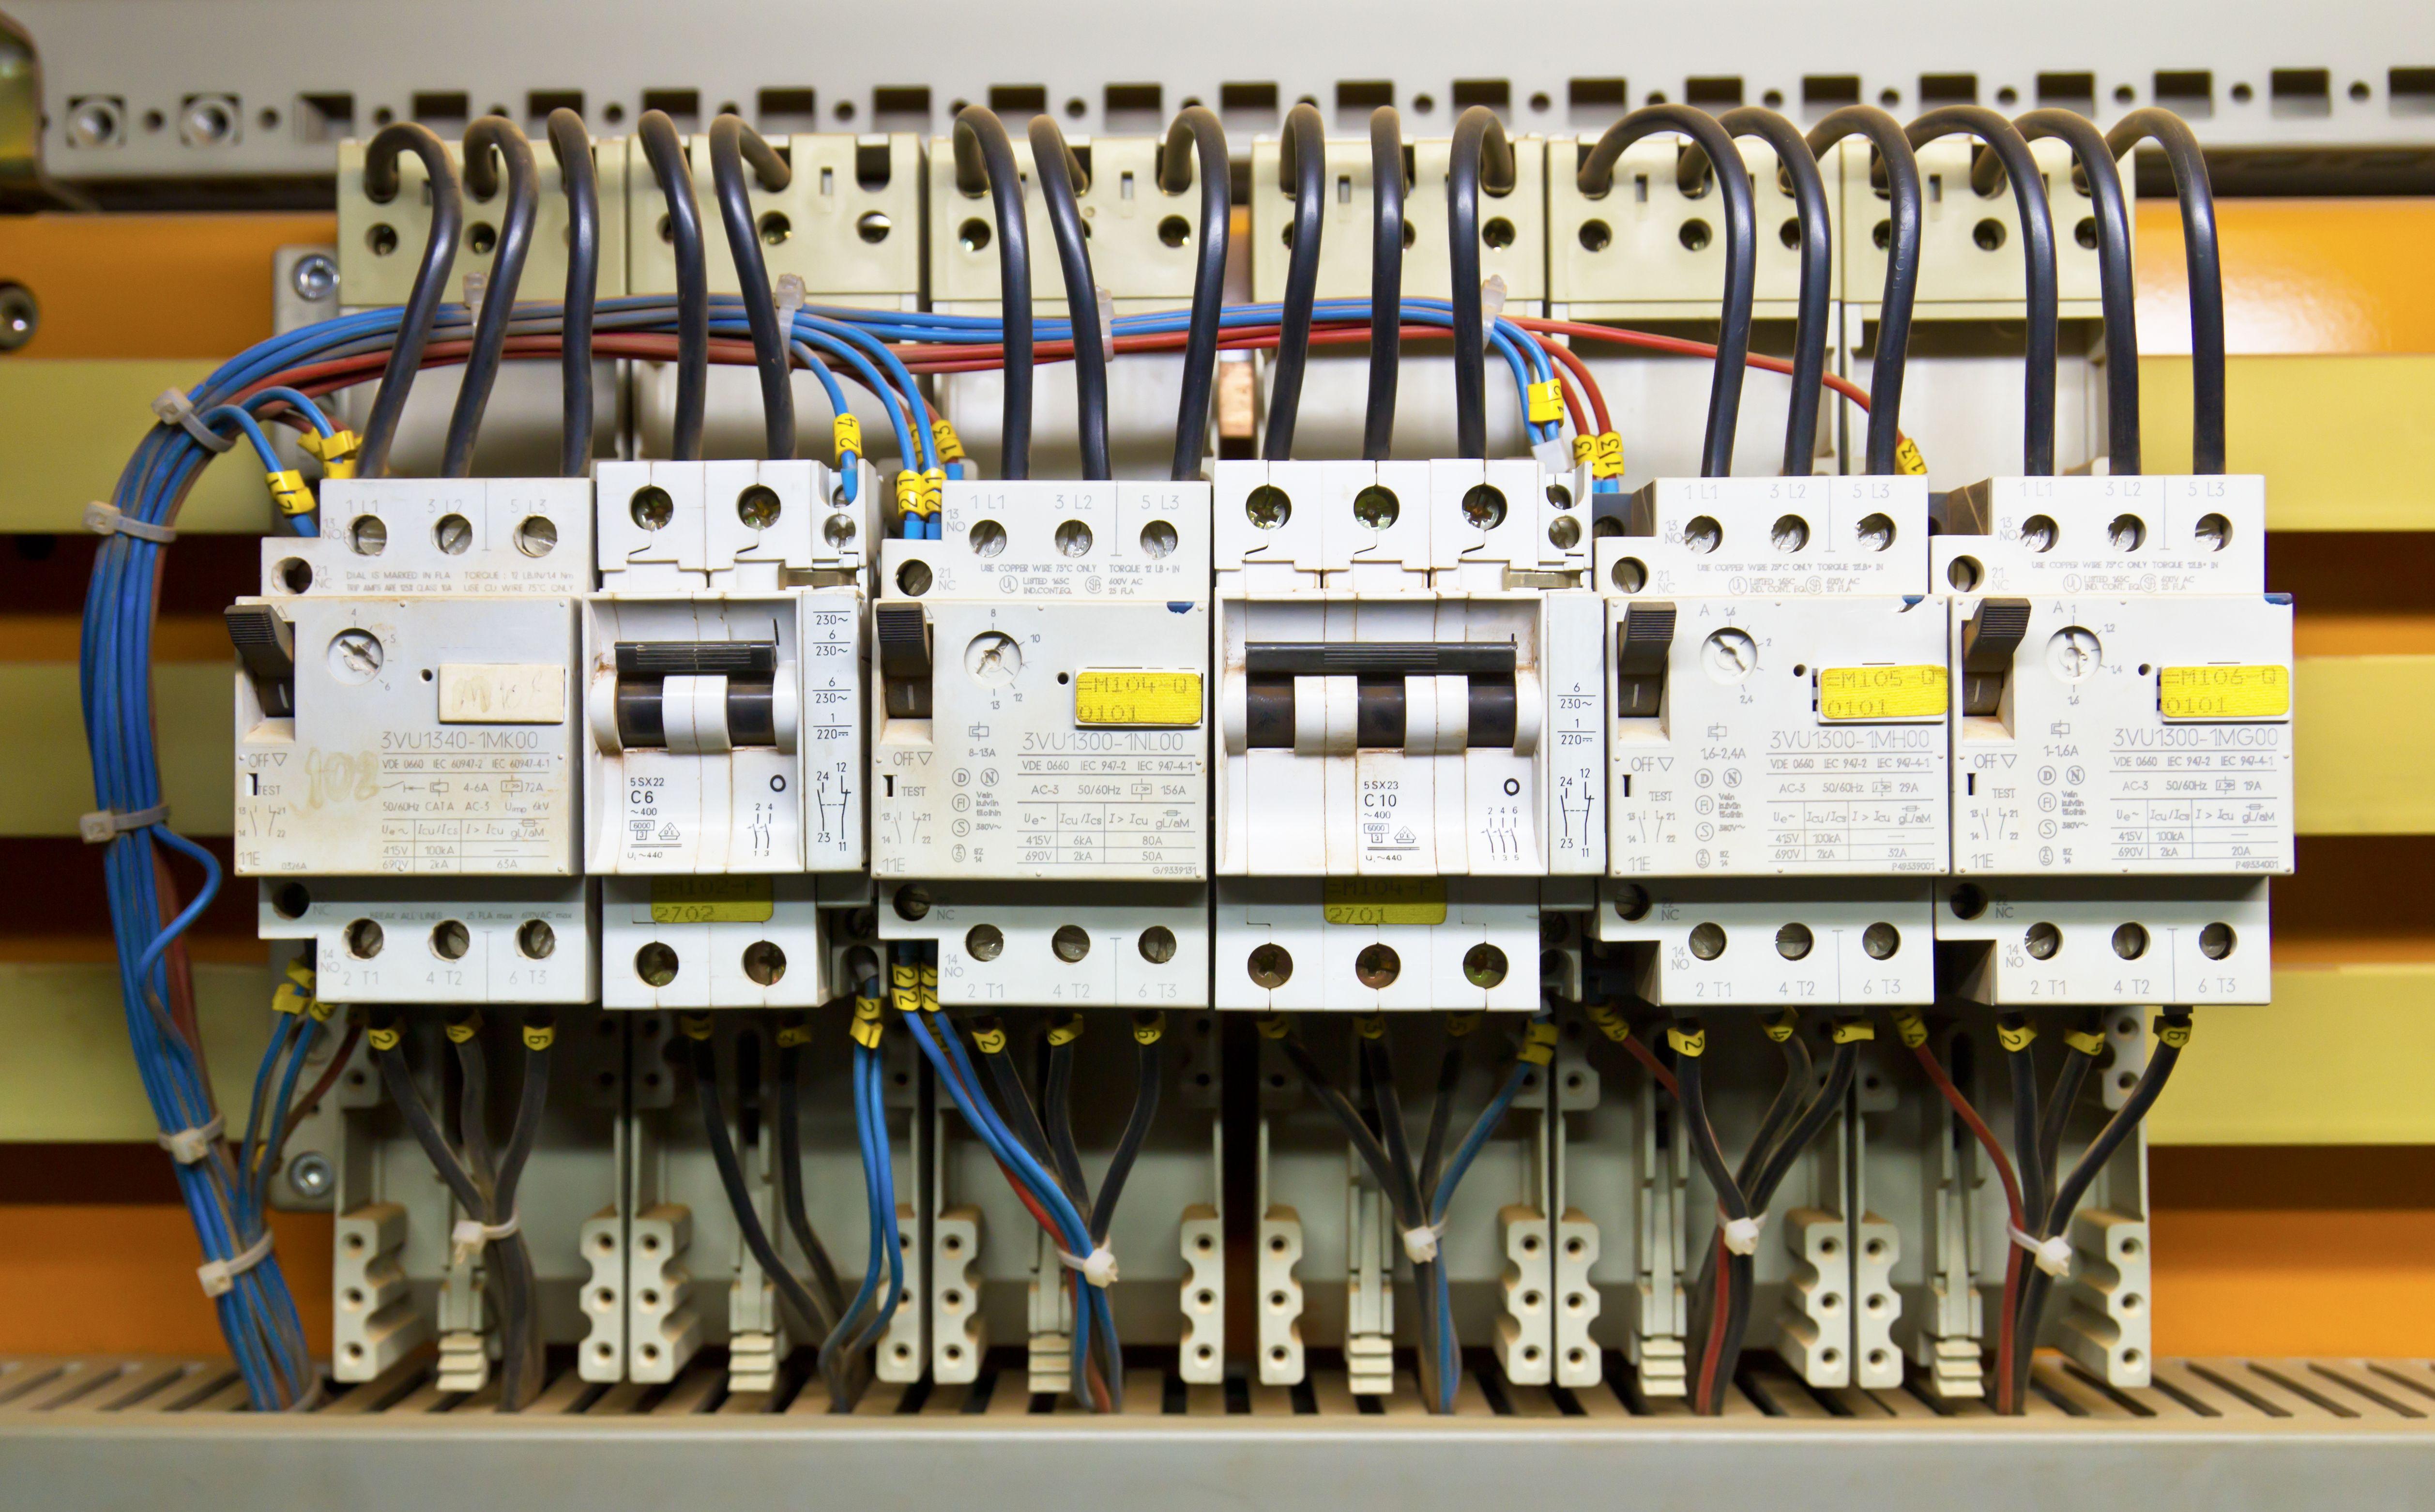 Realizamos todo tipo de reparaciones eléctricas en Almería